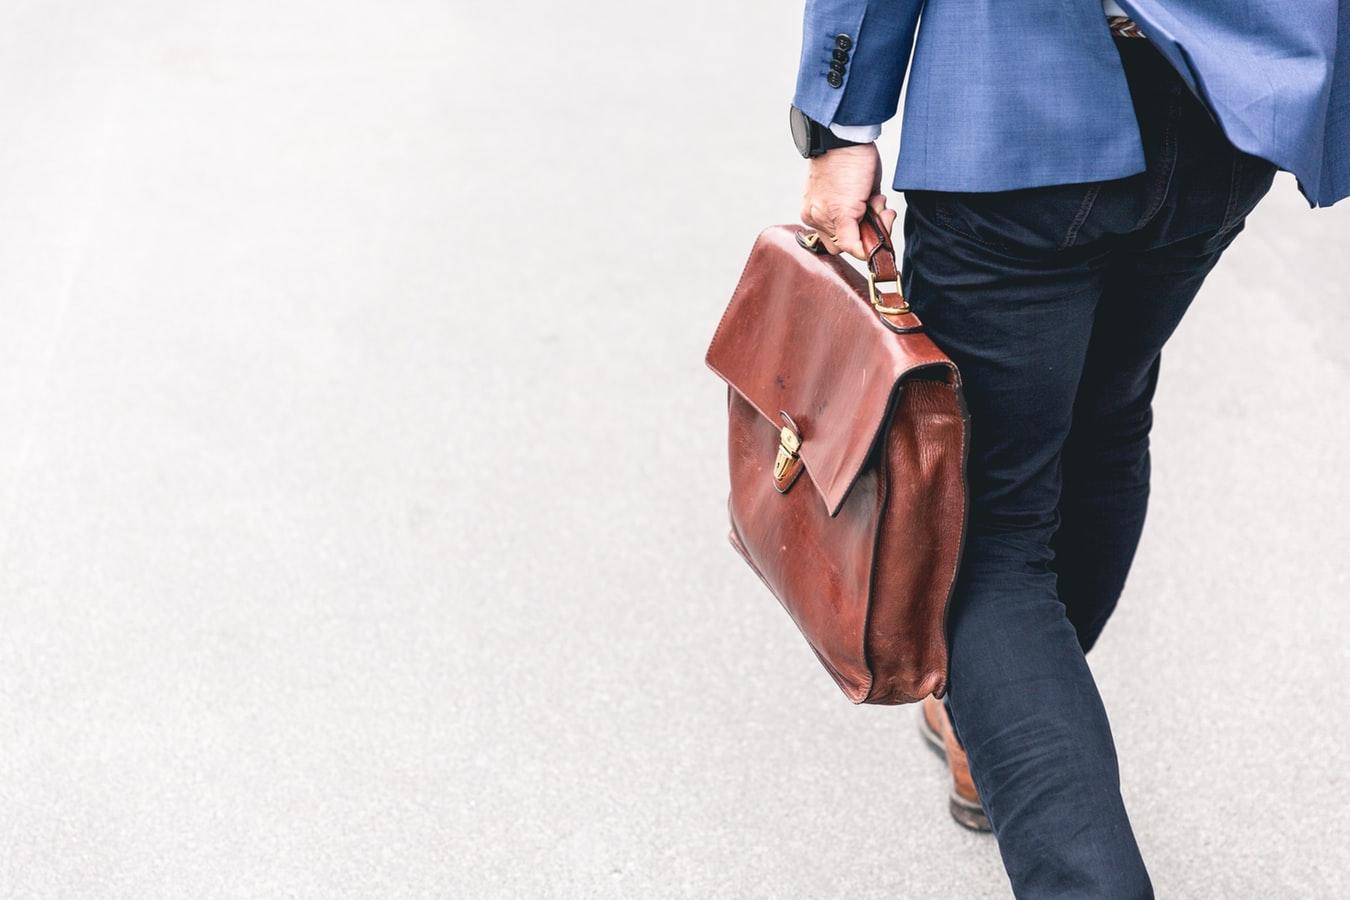 Un homme en route pour le travail avec un sac en main.